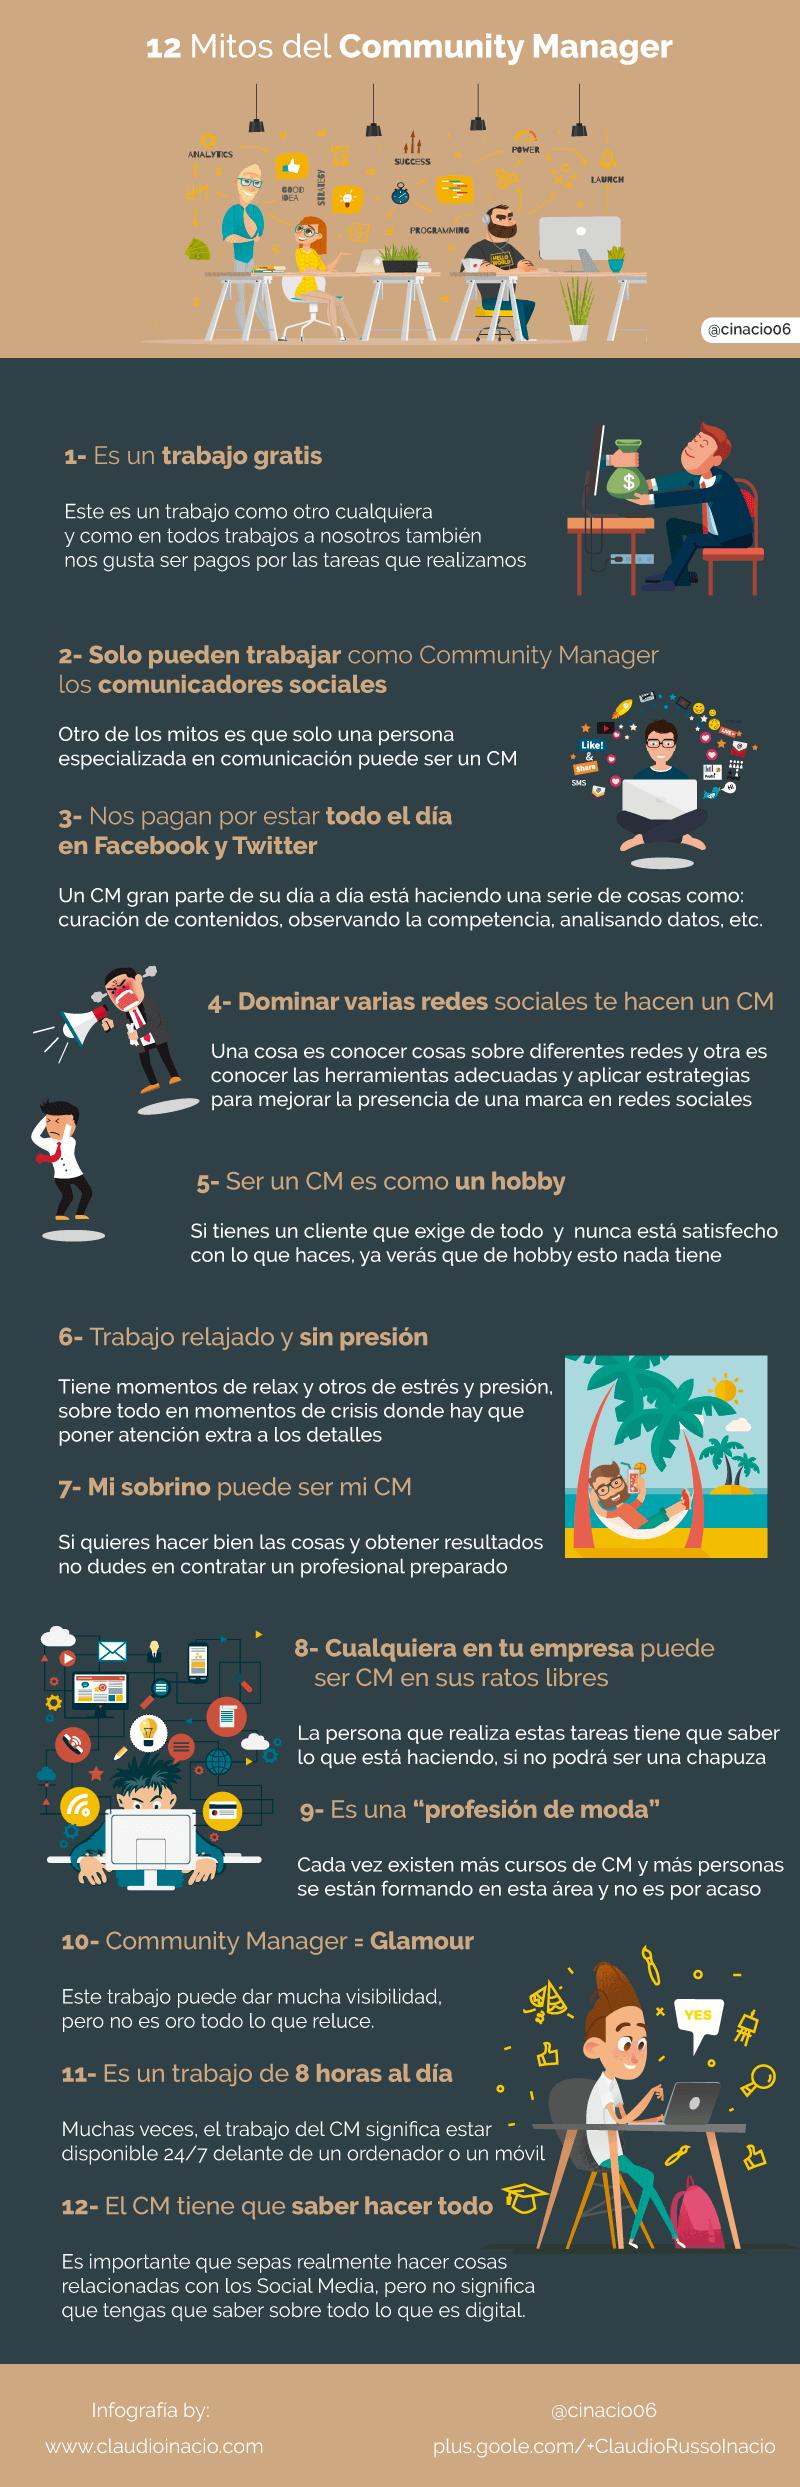 12 mitos sobe el Community Manager